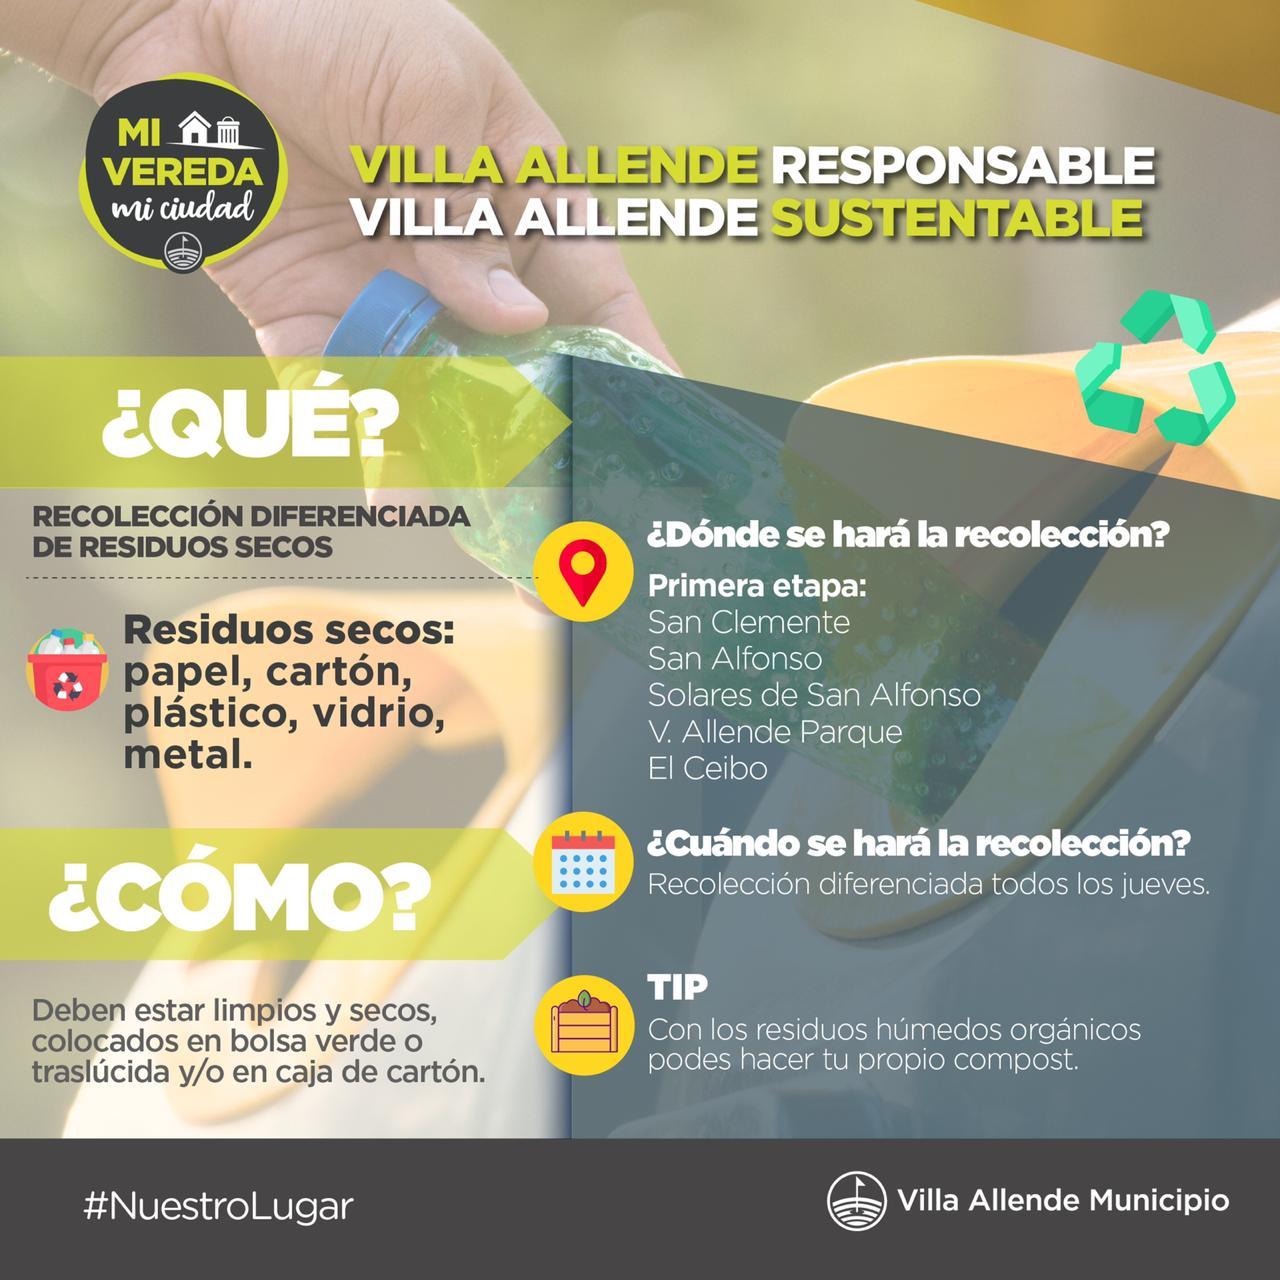 """Programa de recolección diferenciada """"Mi Vereda mi Ciudad""""."""